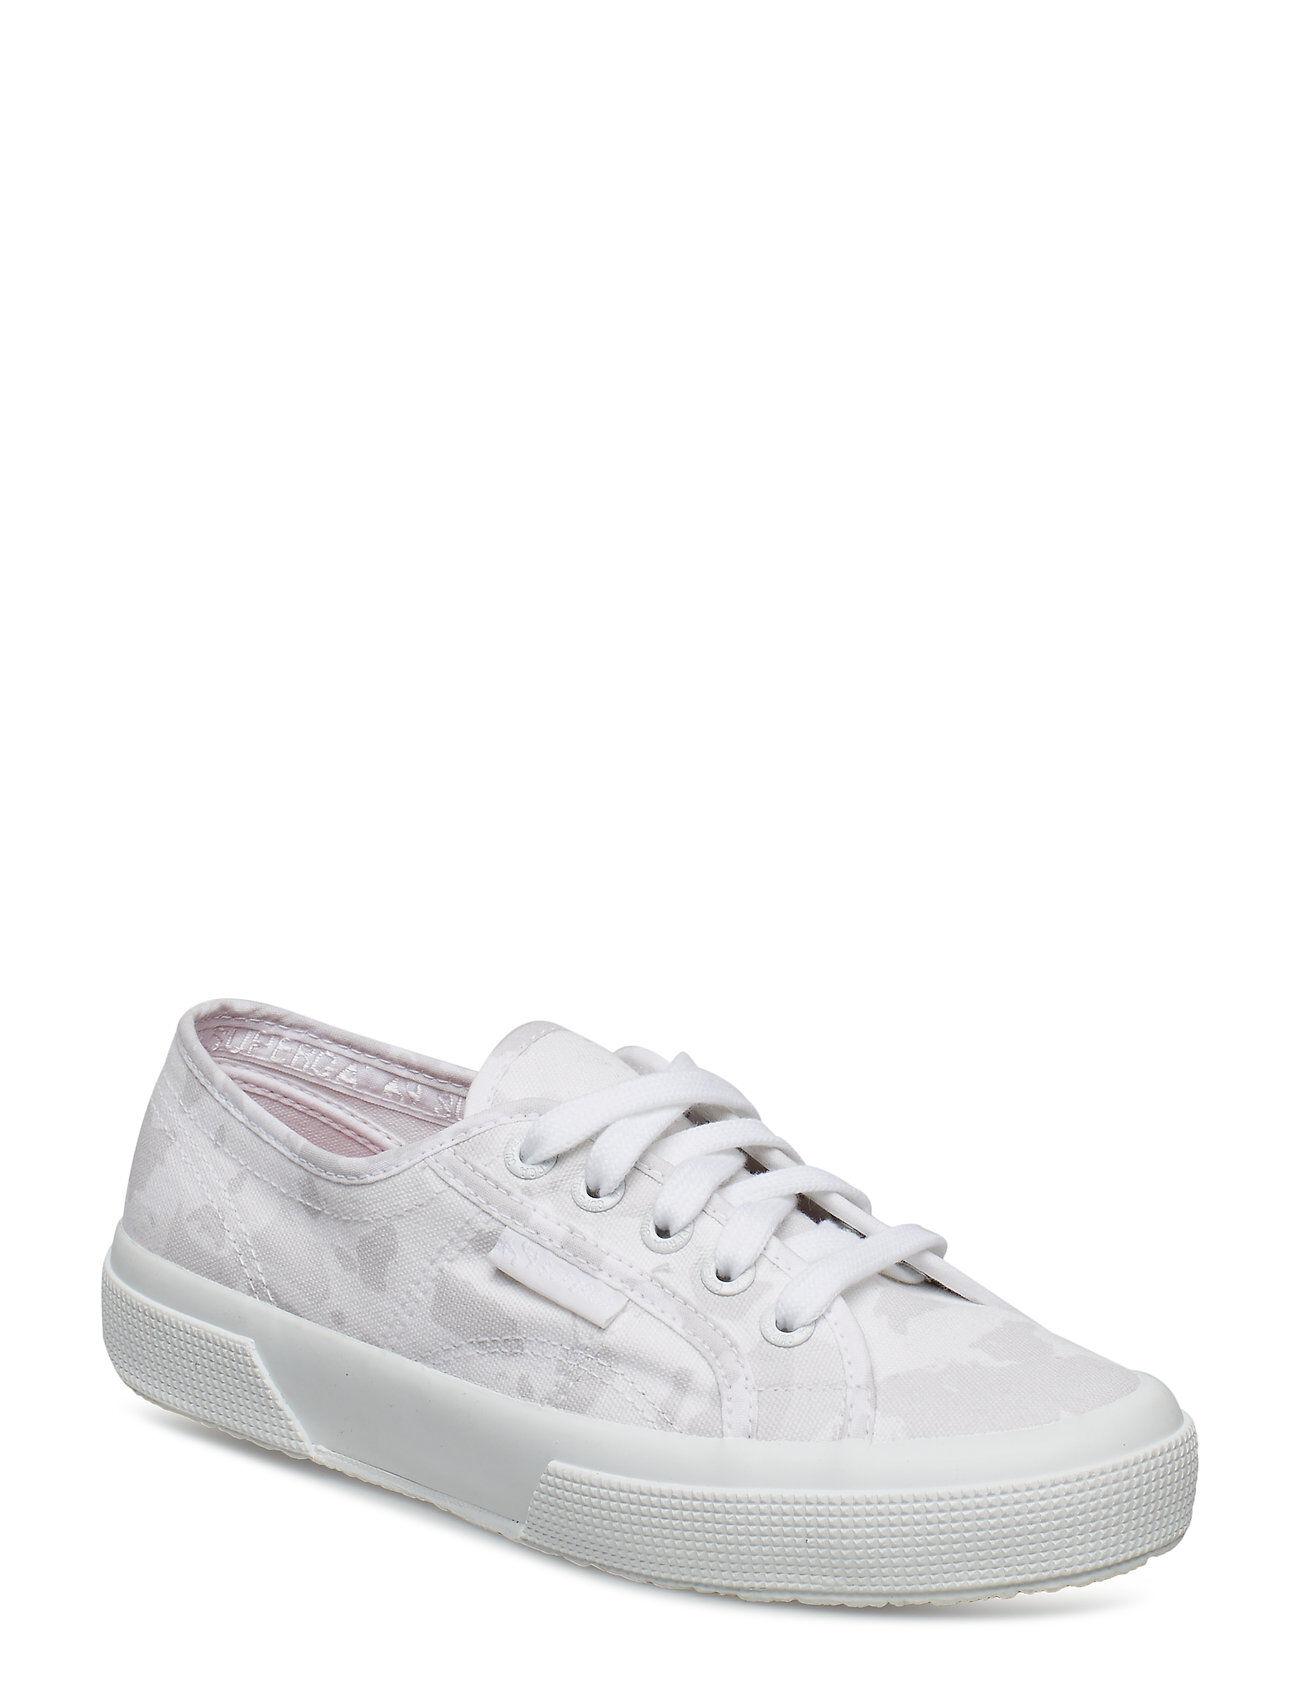 Superga 2750 Fancotu Matalavartiset Sneakerit Tennarit Valkoinen